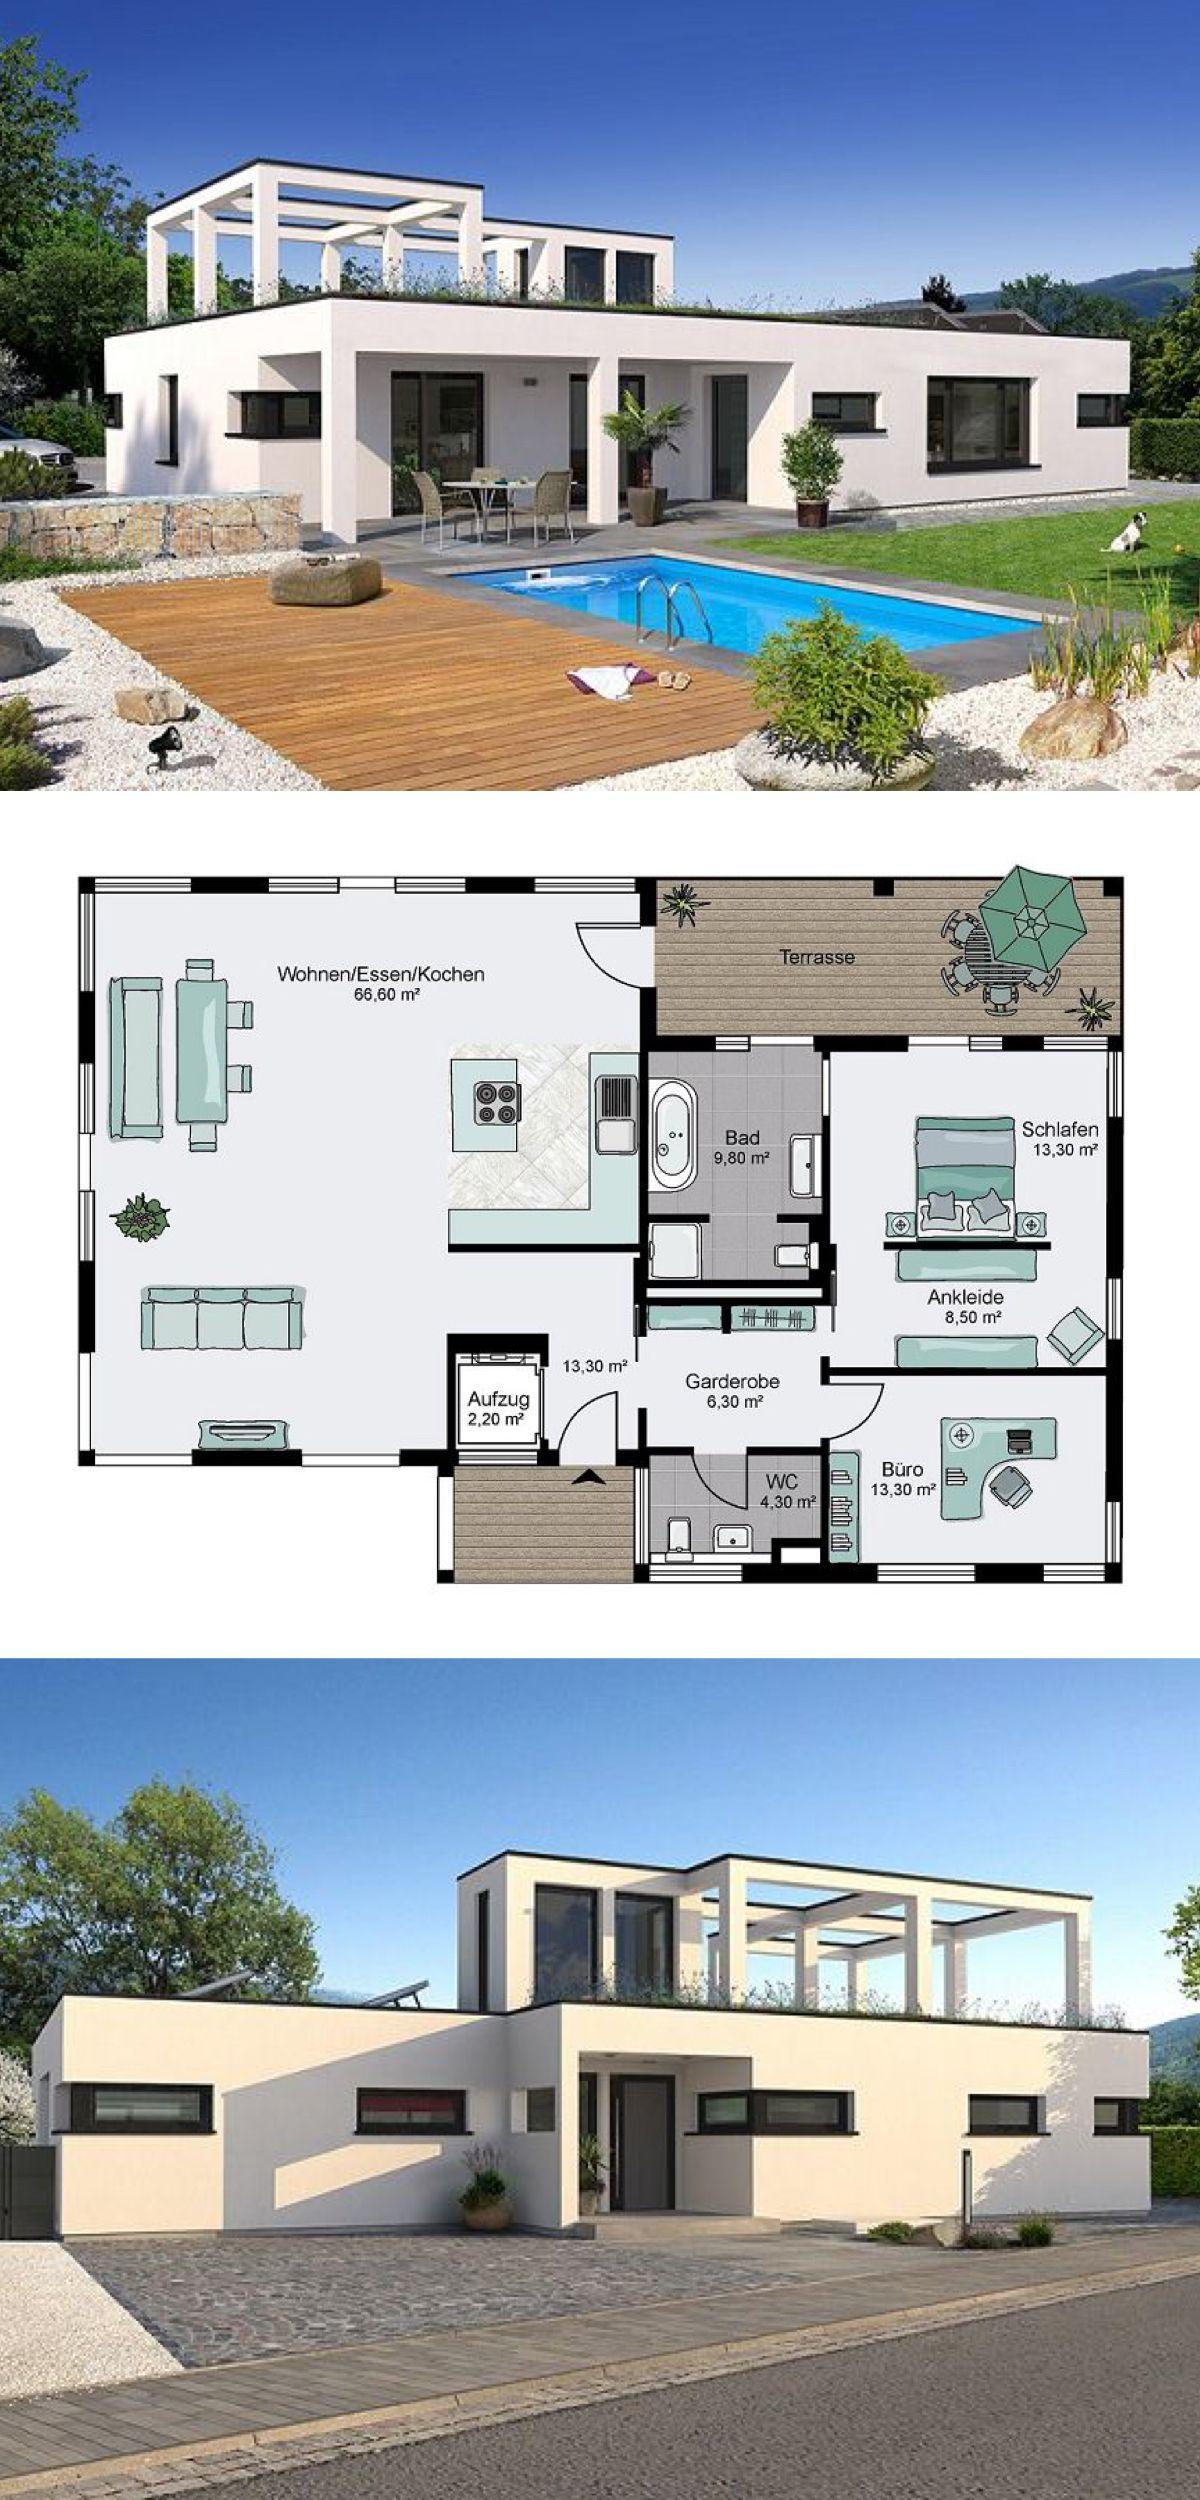 flachdach bungalow mit bauhaus architektur grundriss. Black Bedroom Furniture Sets. Home Design Ideas